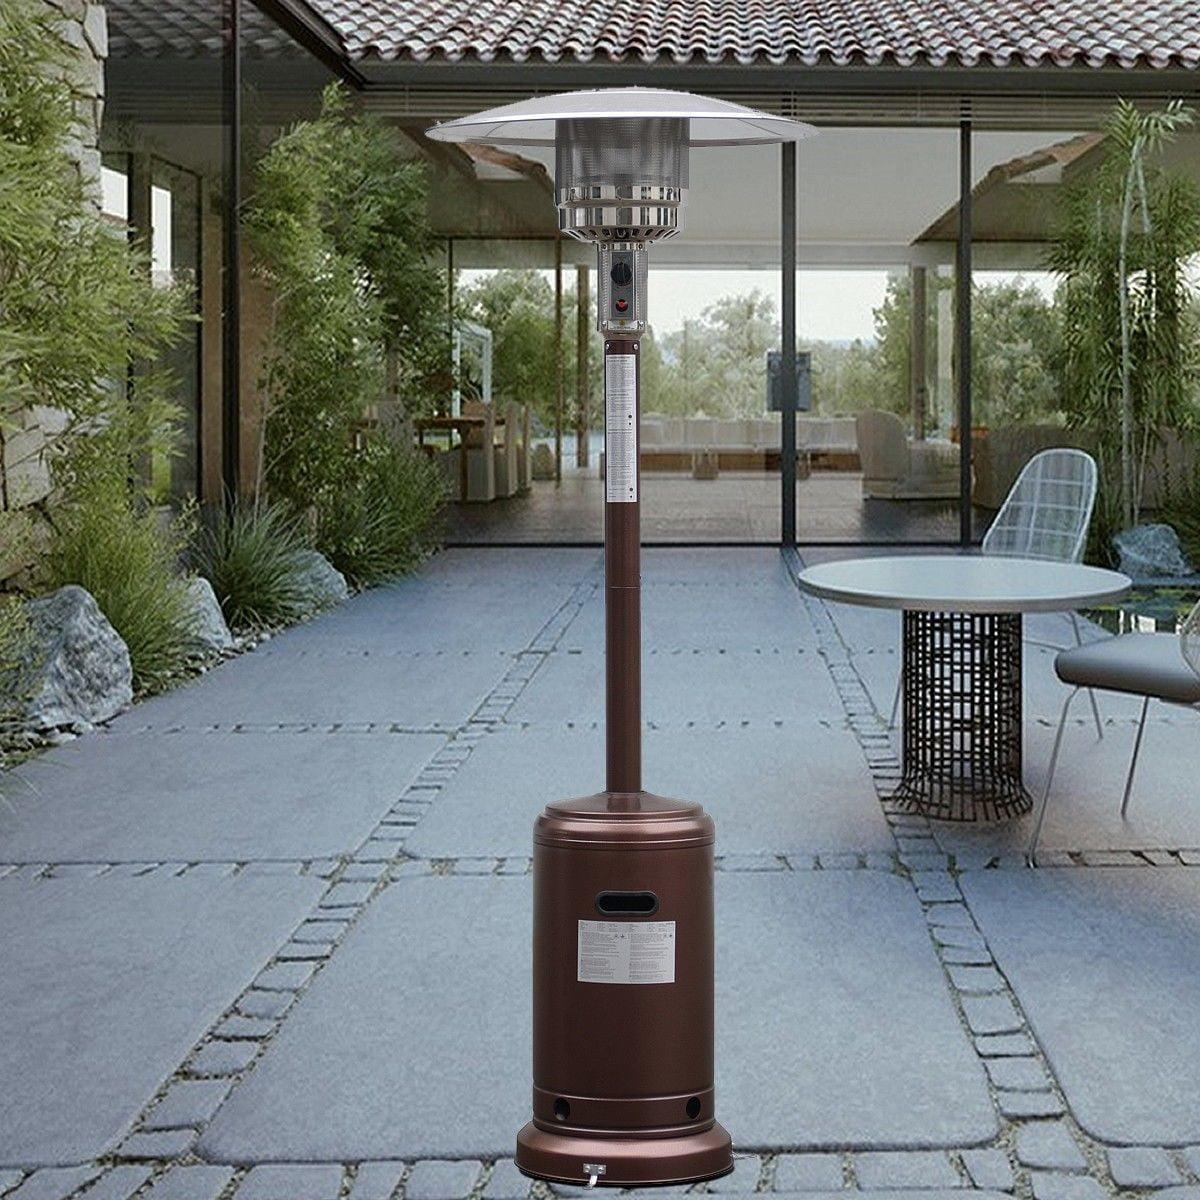 Garden Outdoor Patio Heater Propane Standing LP Gas Steel w/accessories New Bronze